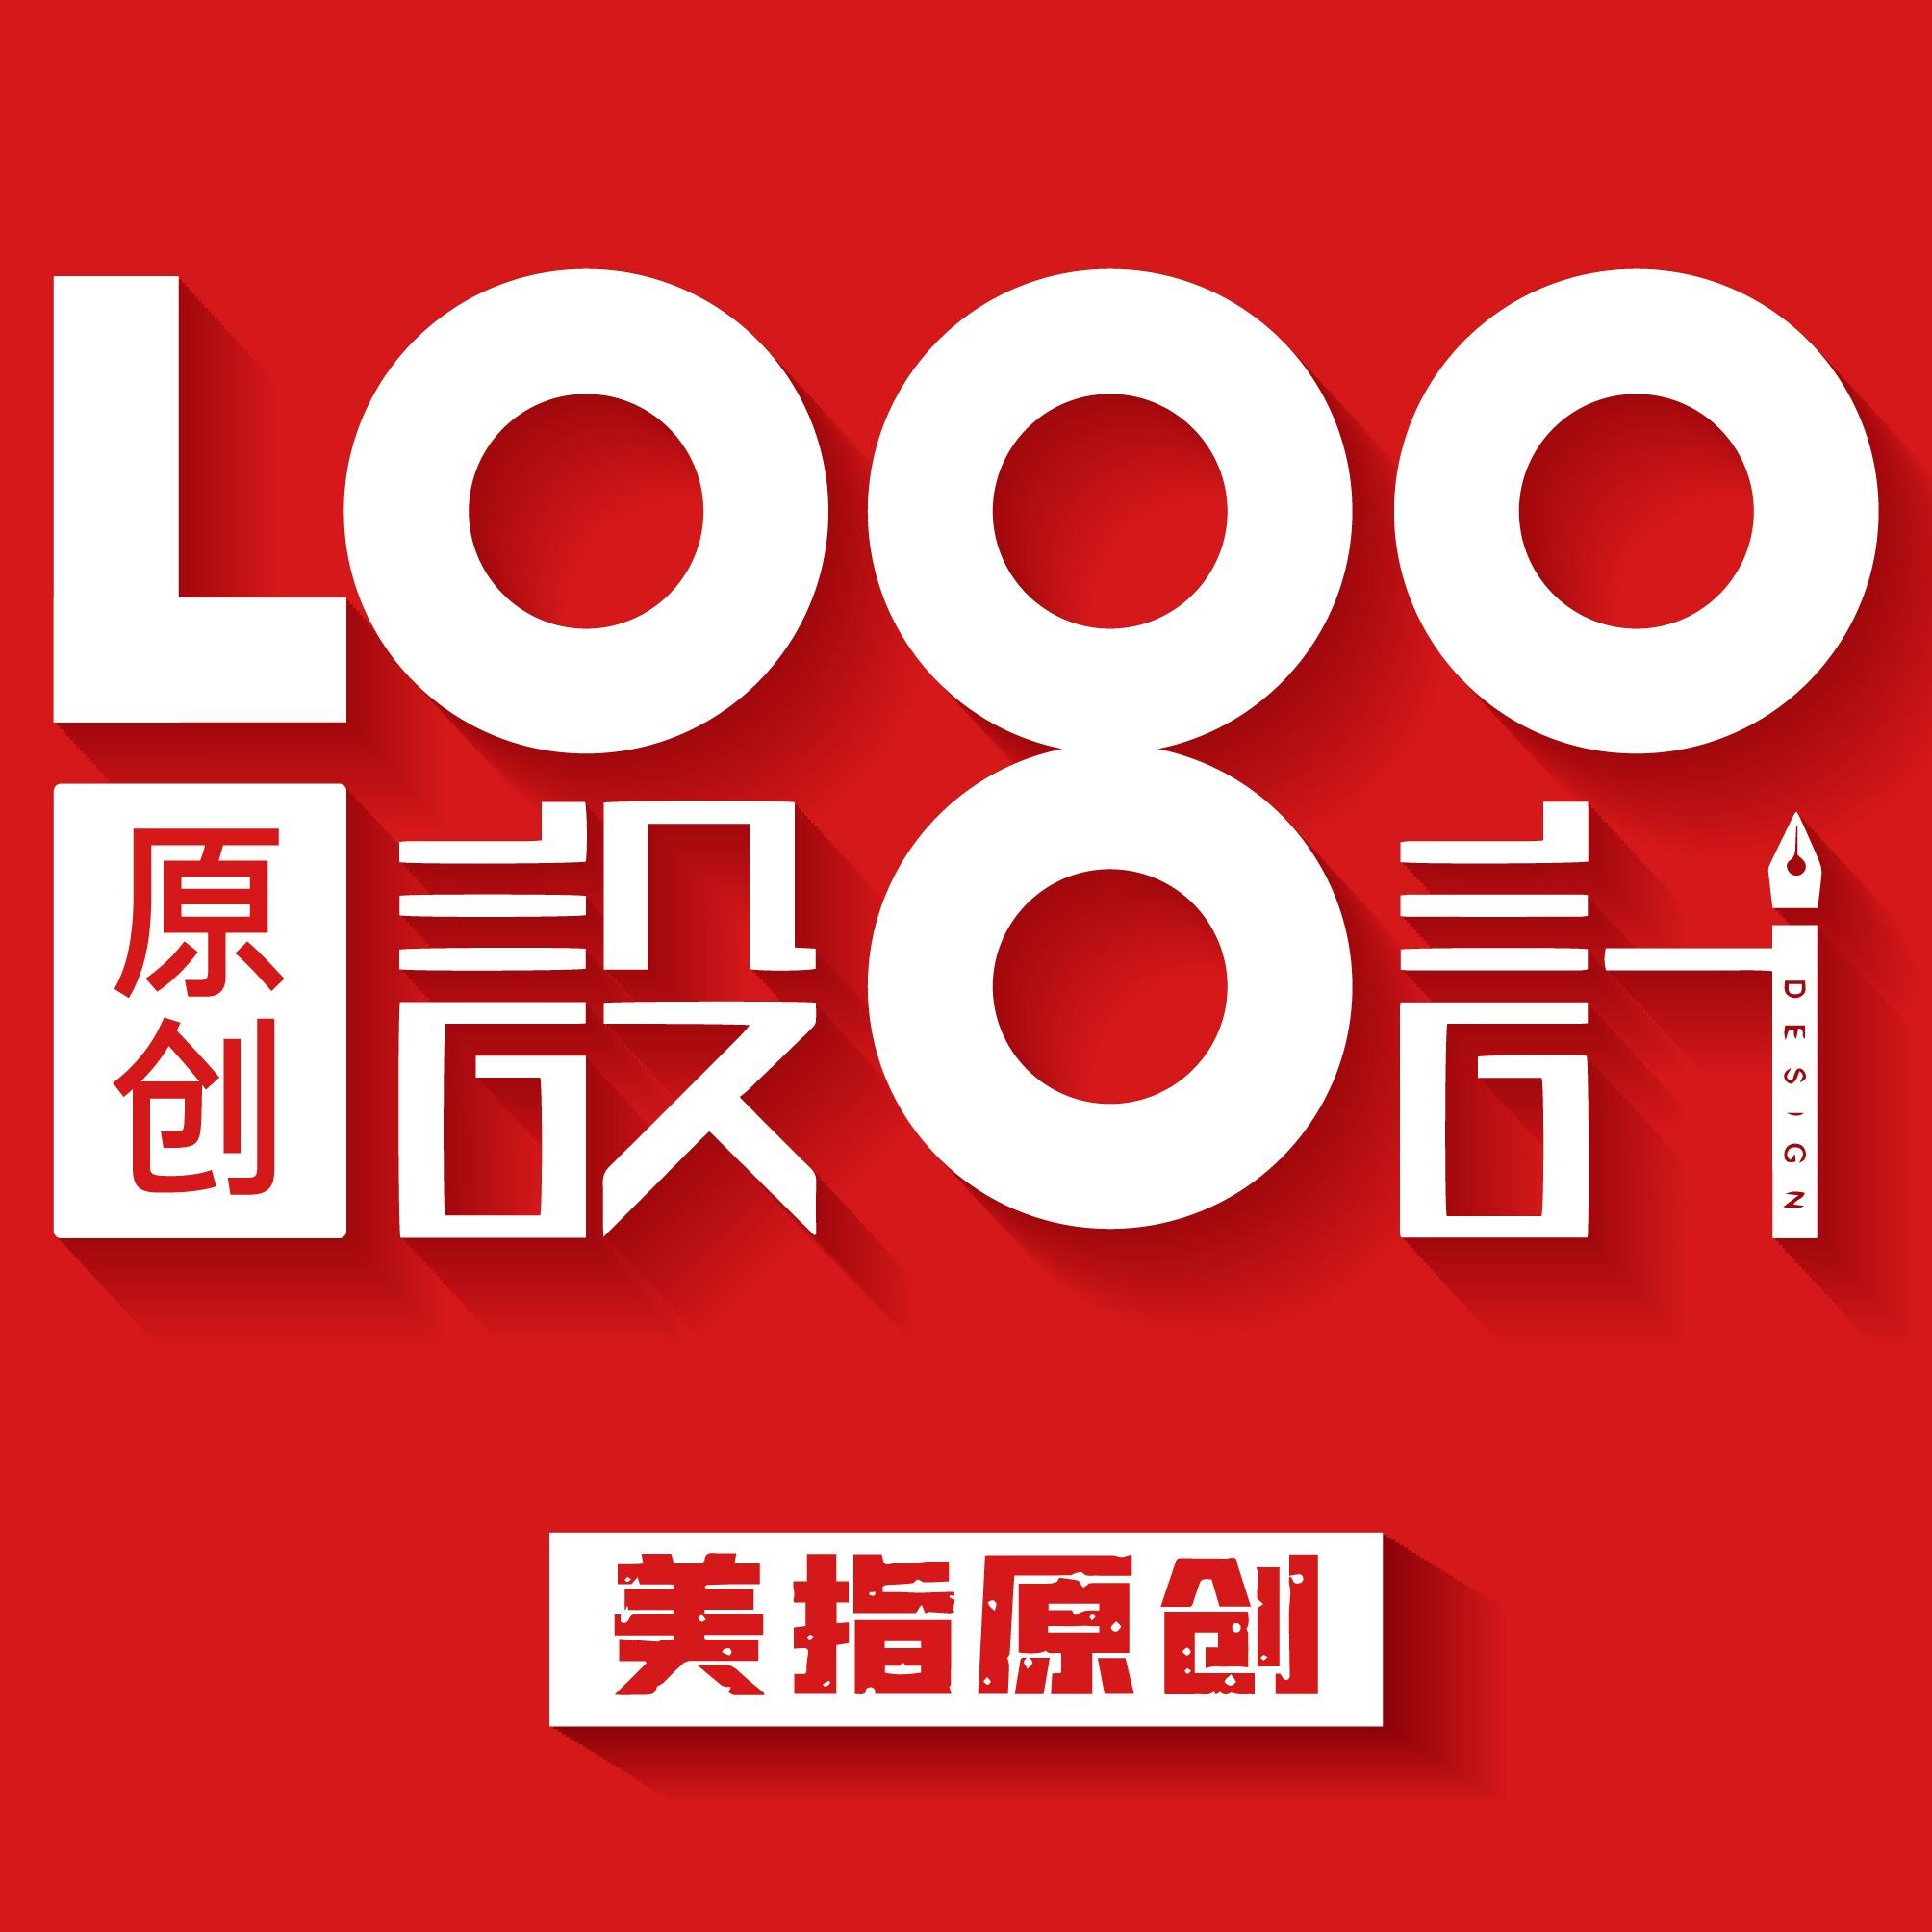 【有鱼品牌】教育健身化妆品服装水果超市餐饮酒店LOGO设计